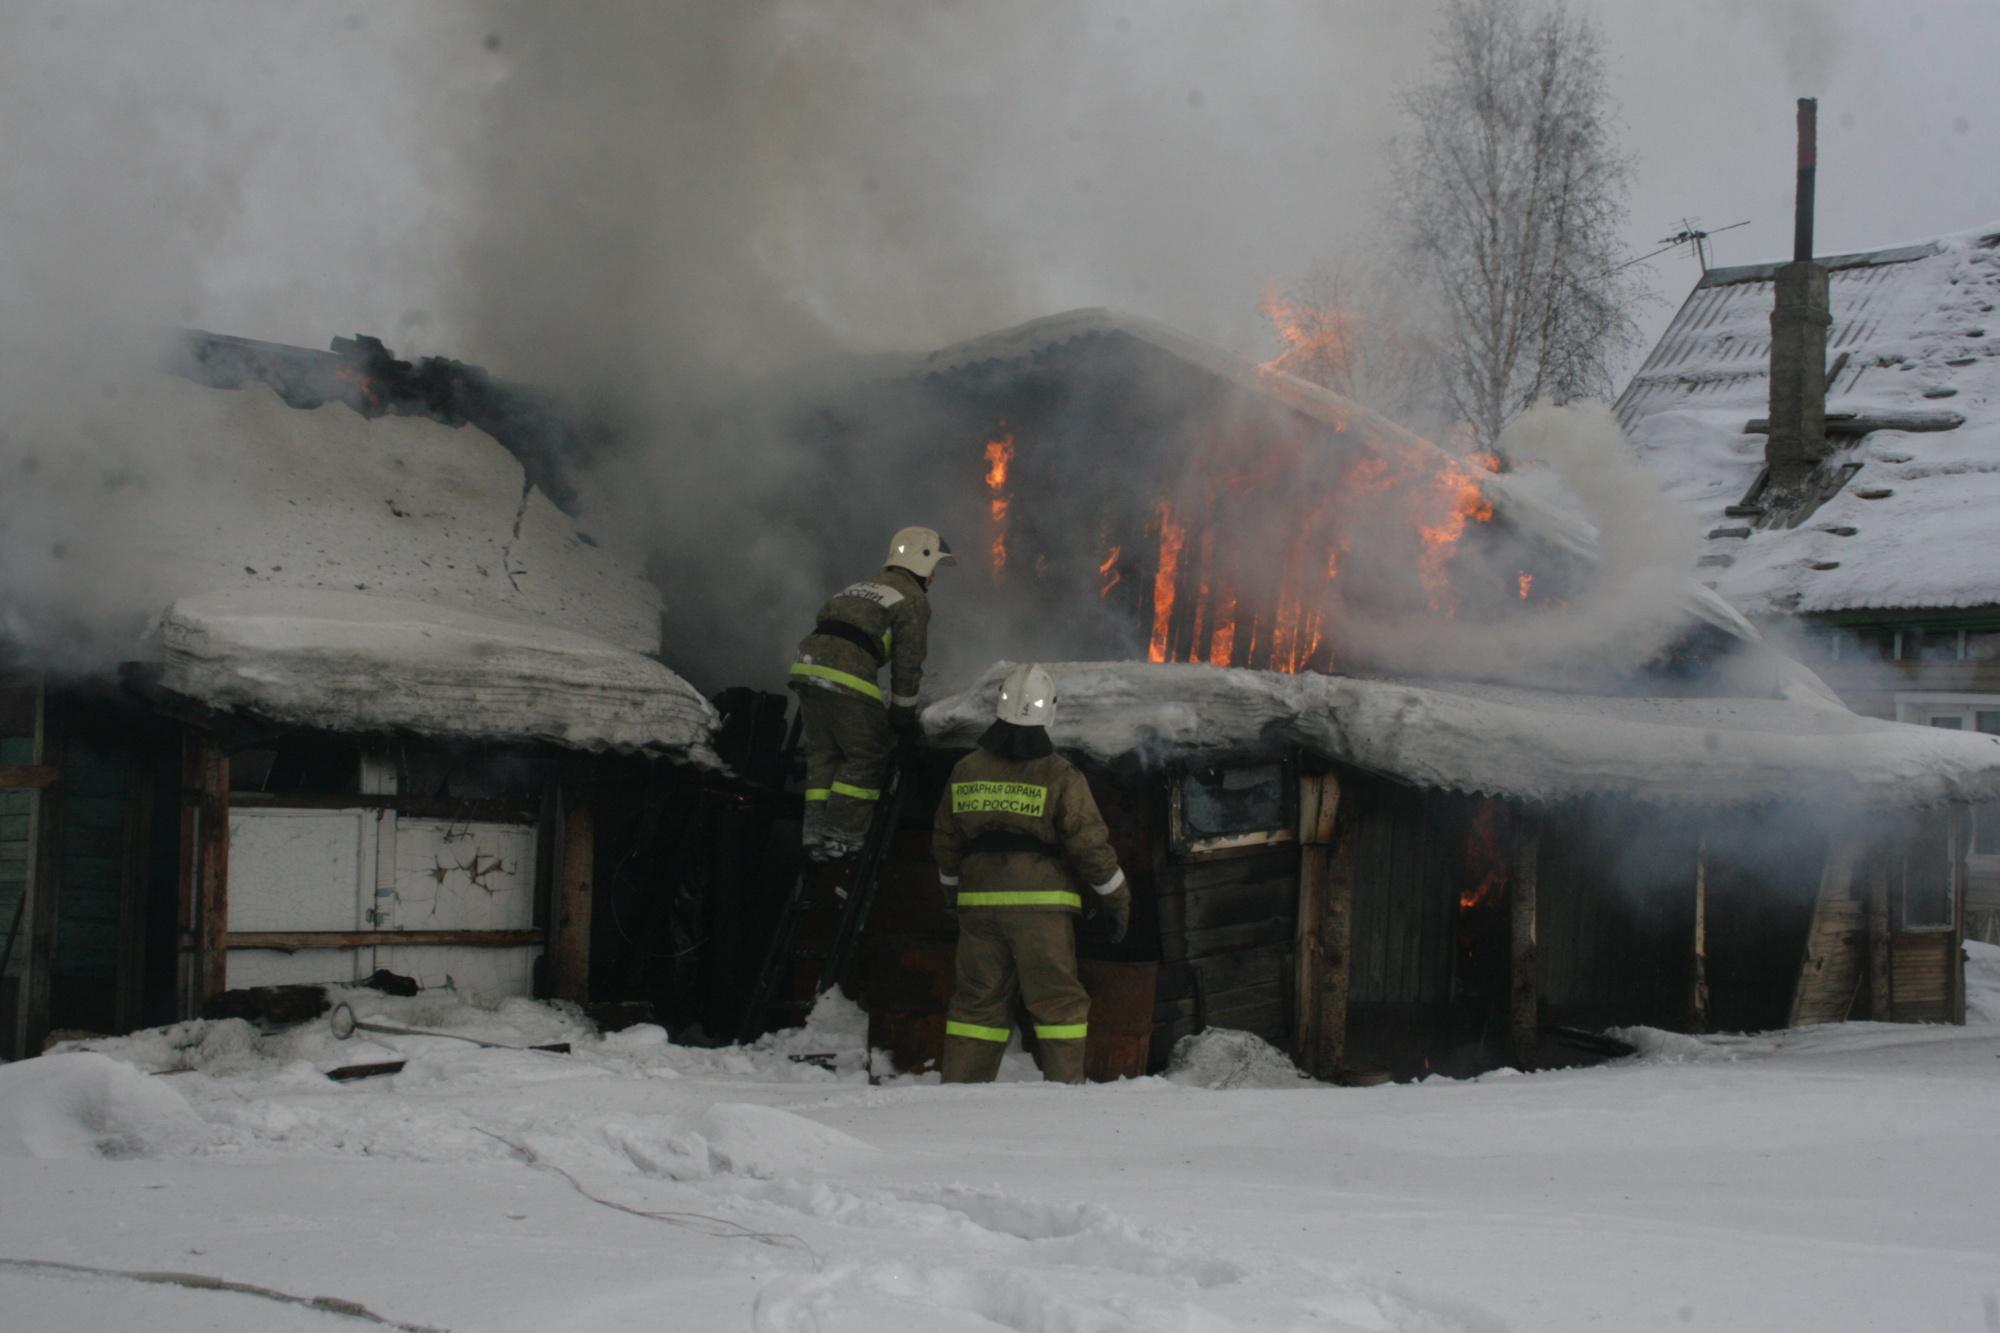 Спасатели МЧС России ликвидировали пожар в частных хозяйственных постройках в Кемеровском ГО